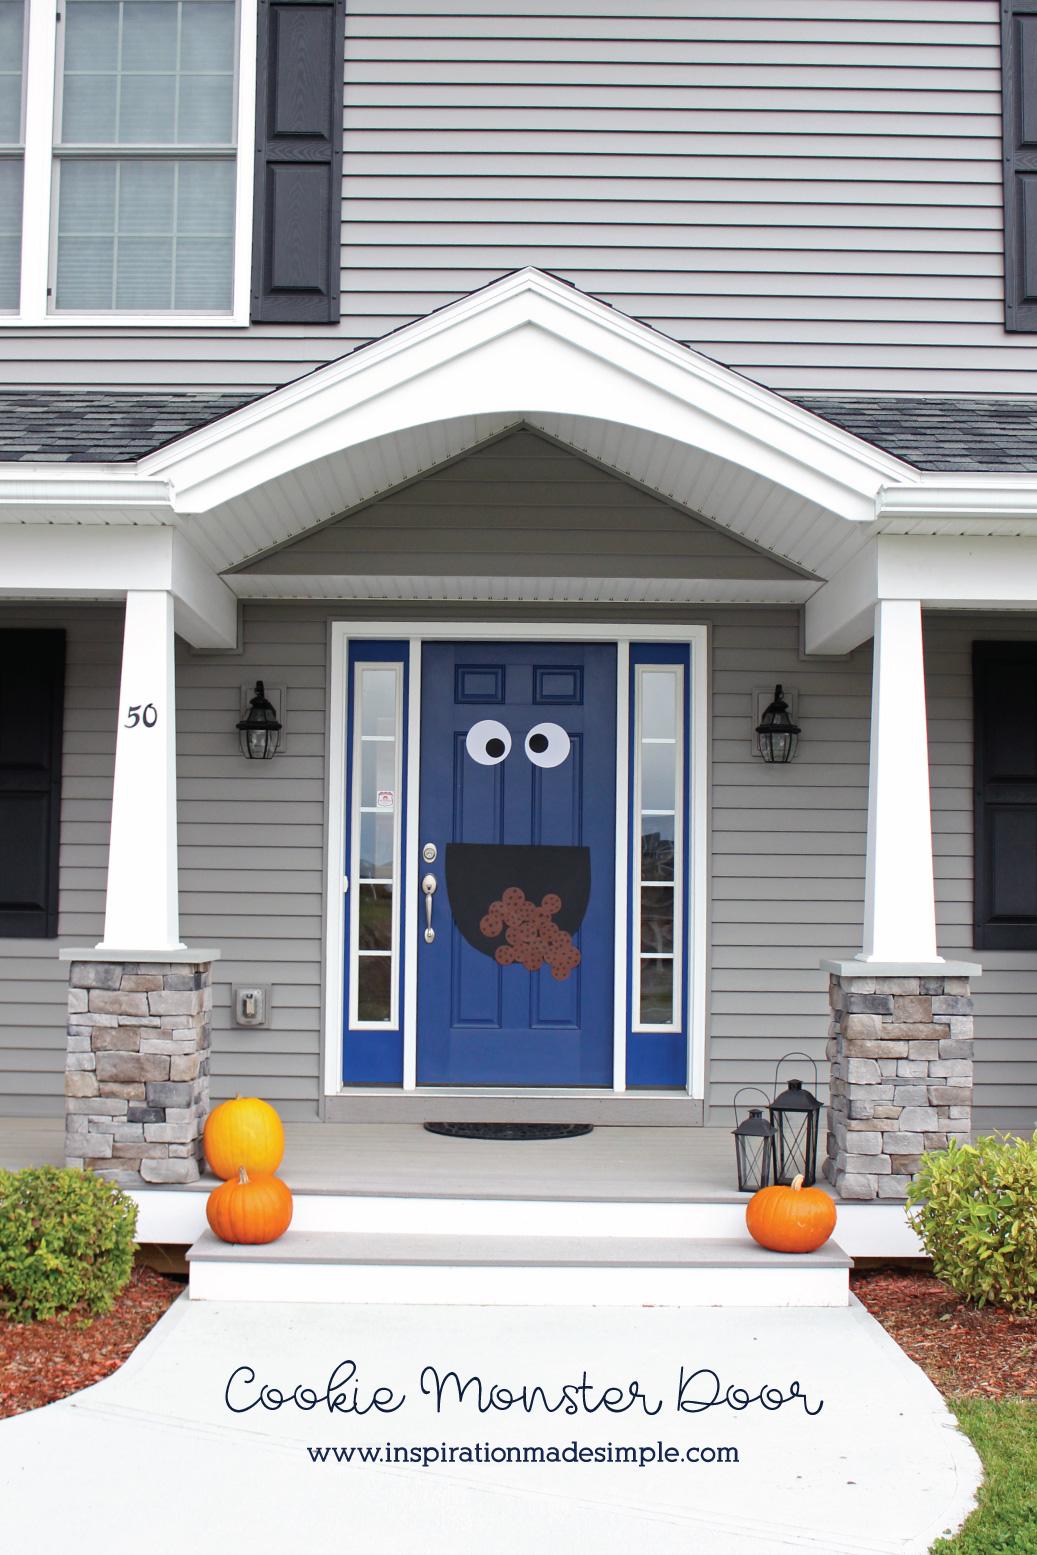 DIY Halloween Cookie Monster Door